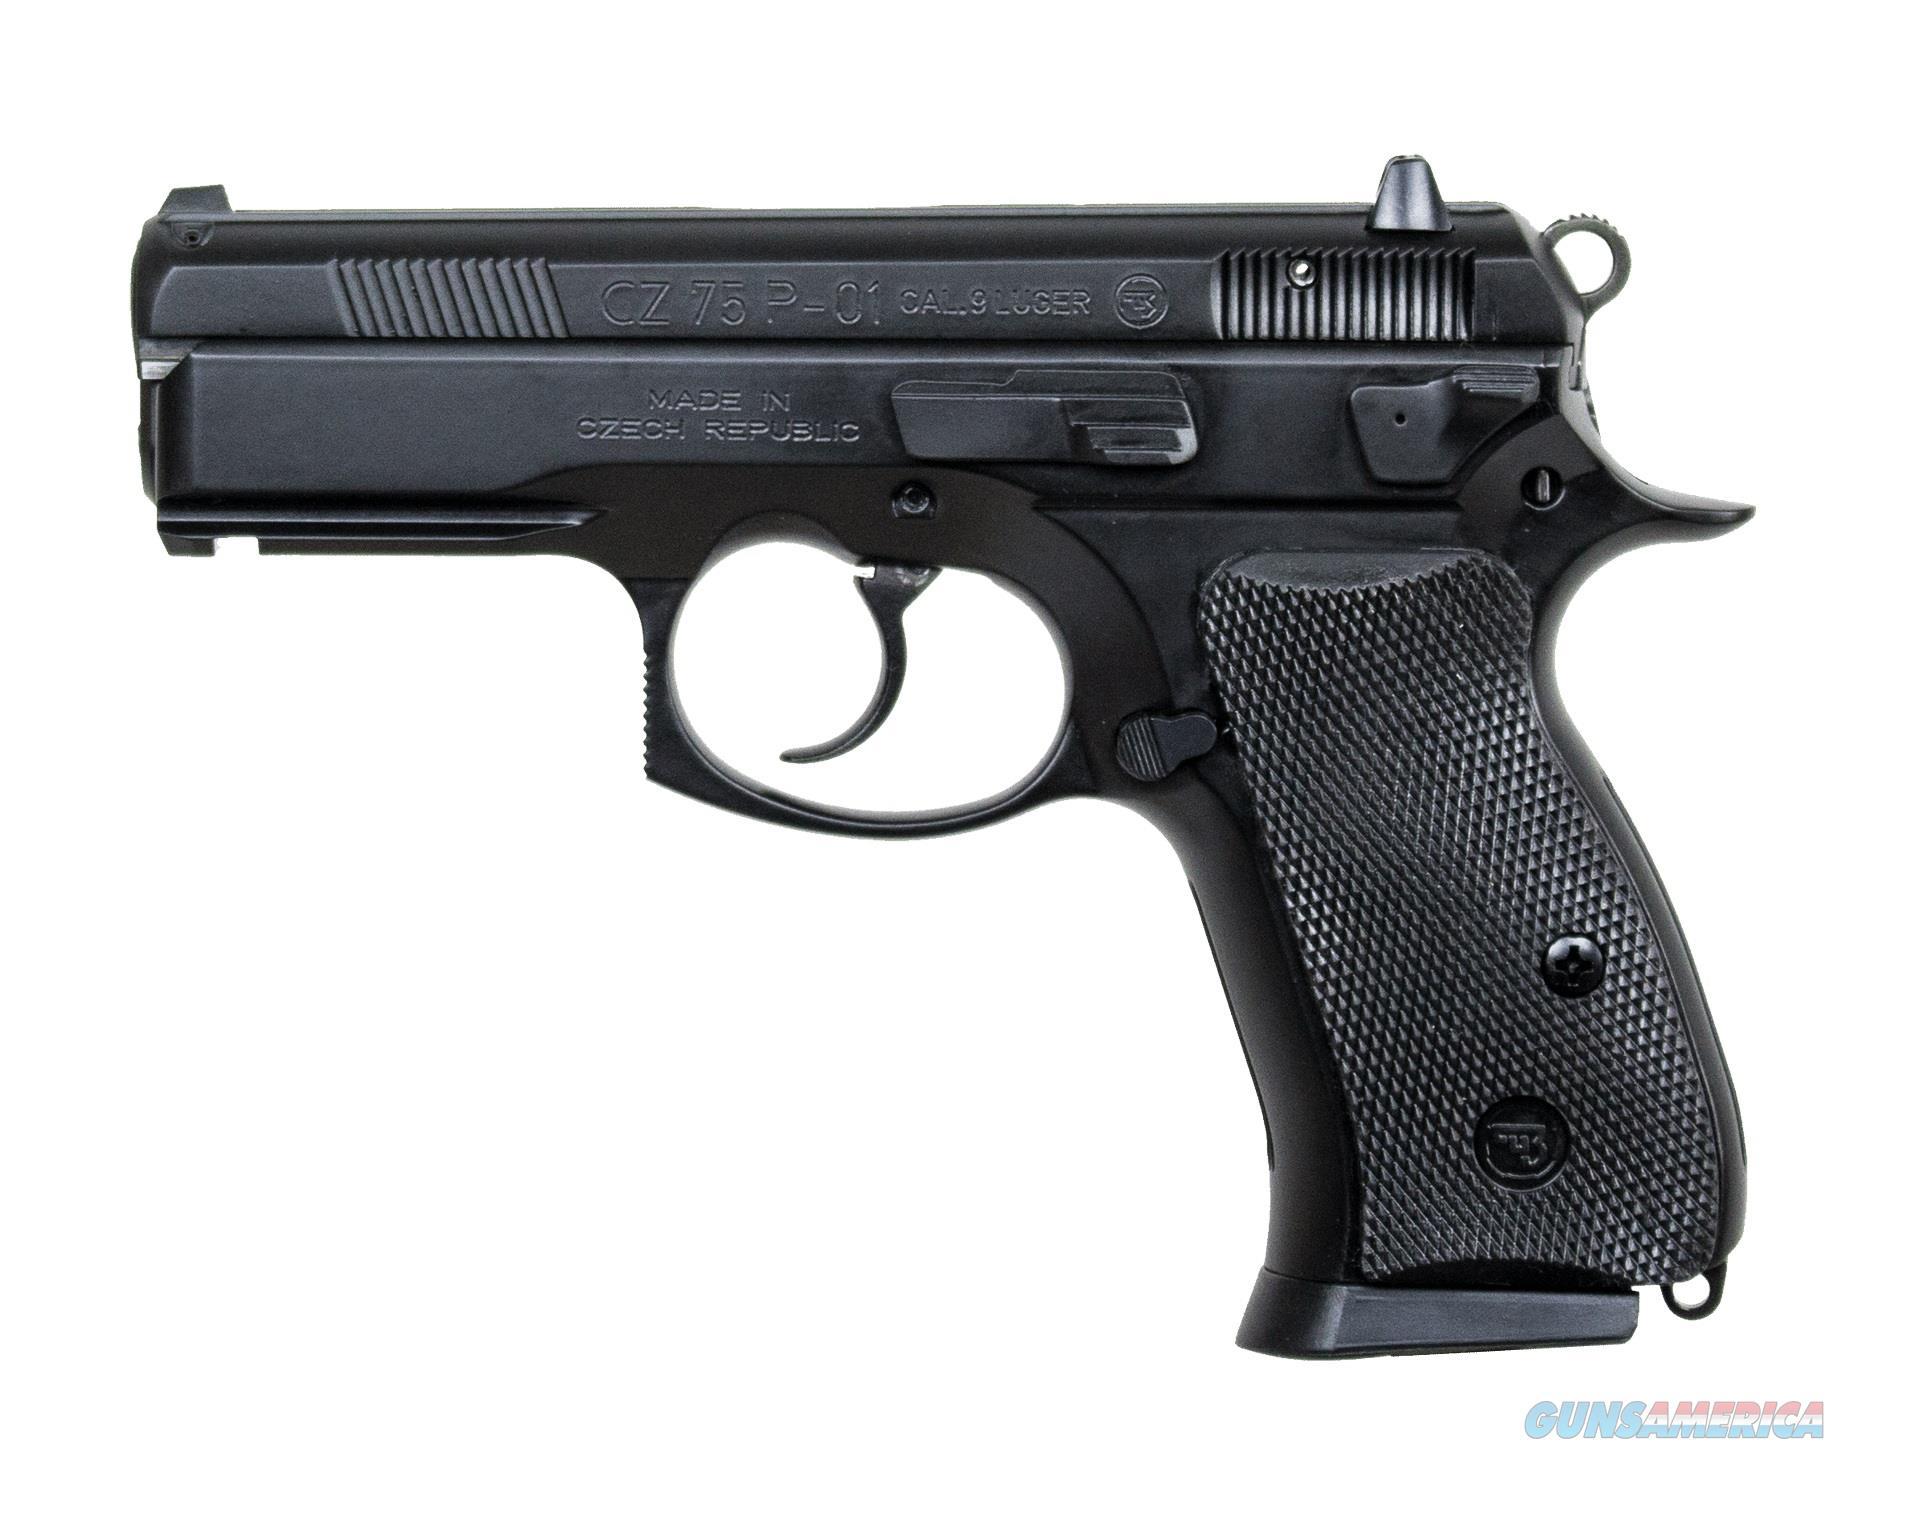 CZ 75 P-01 (91199)  Guns > Pistols > CZ Pistols